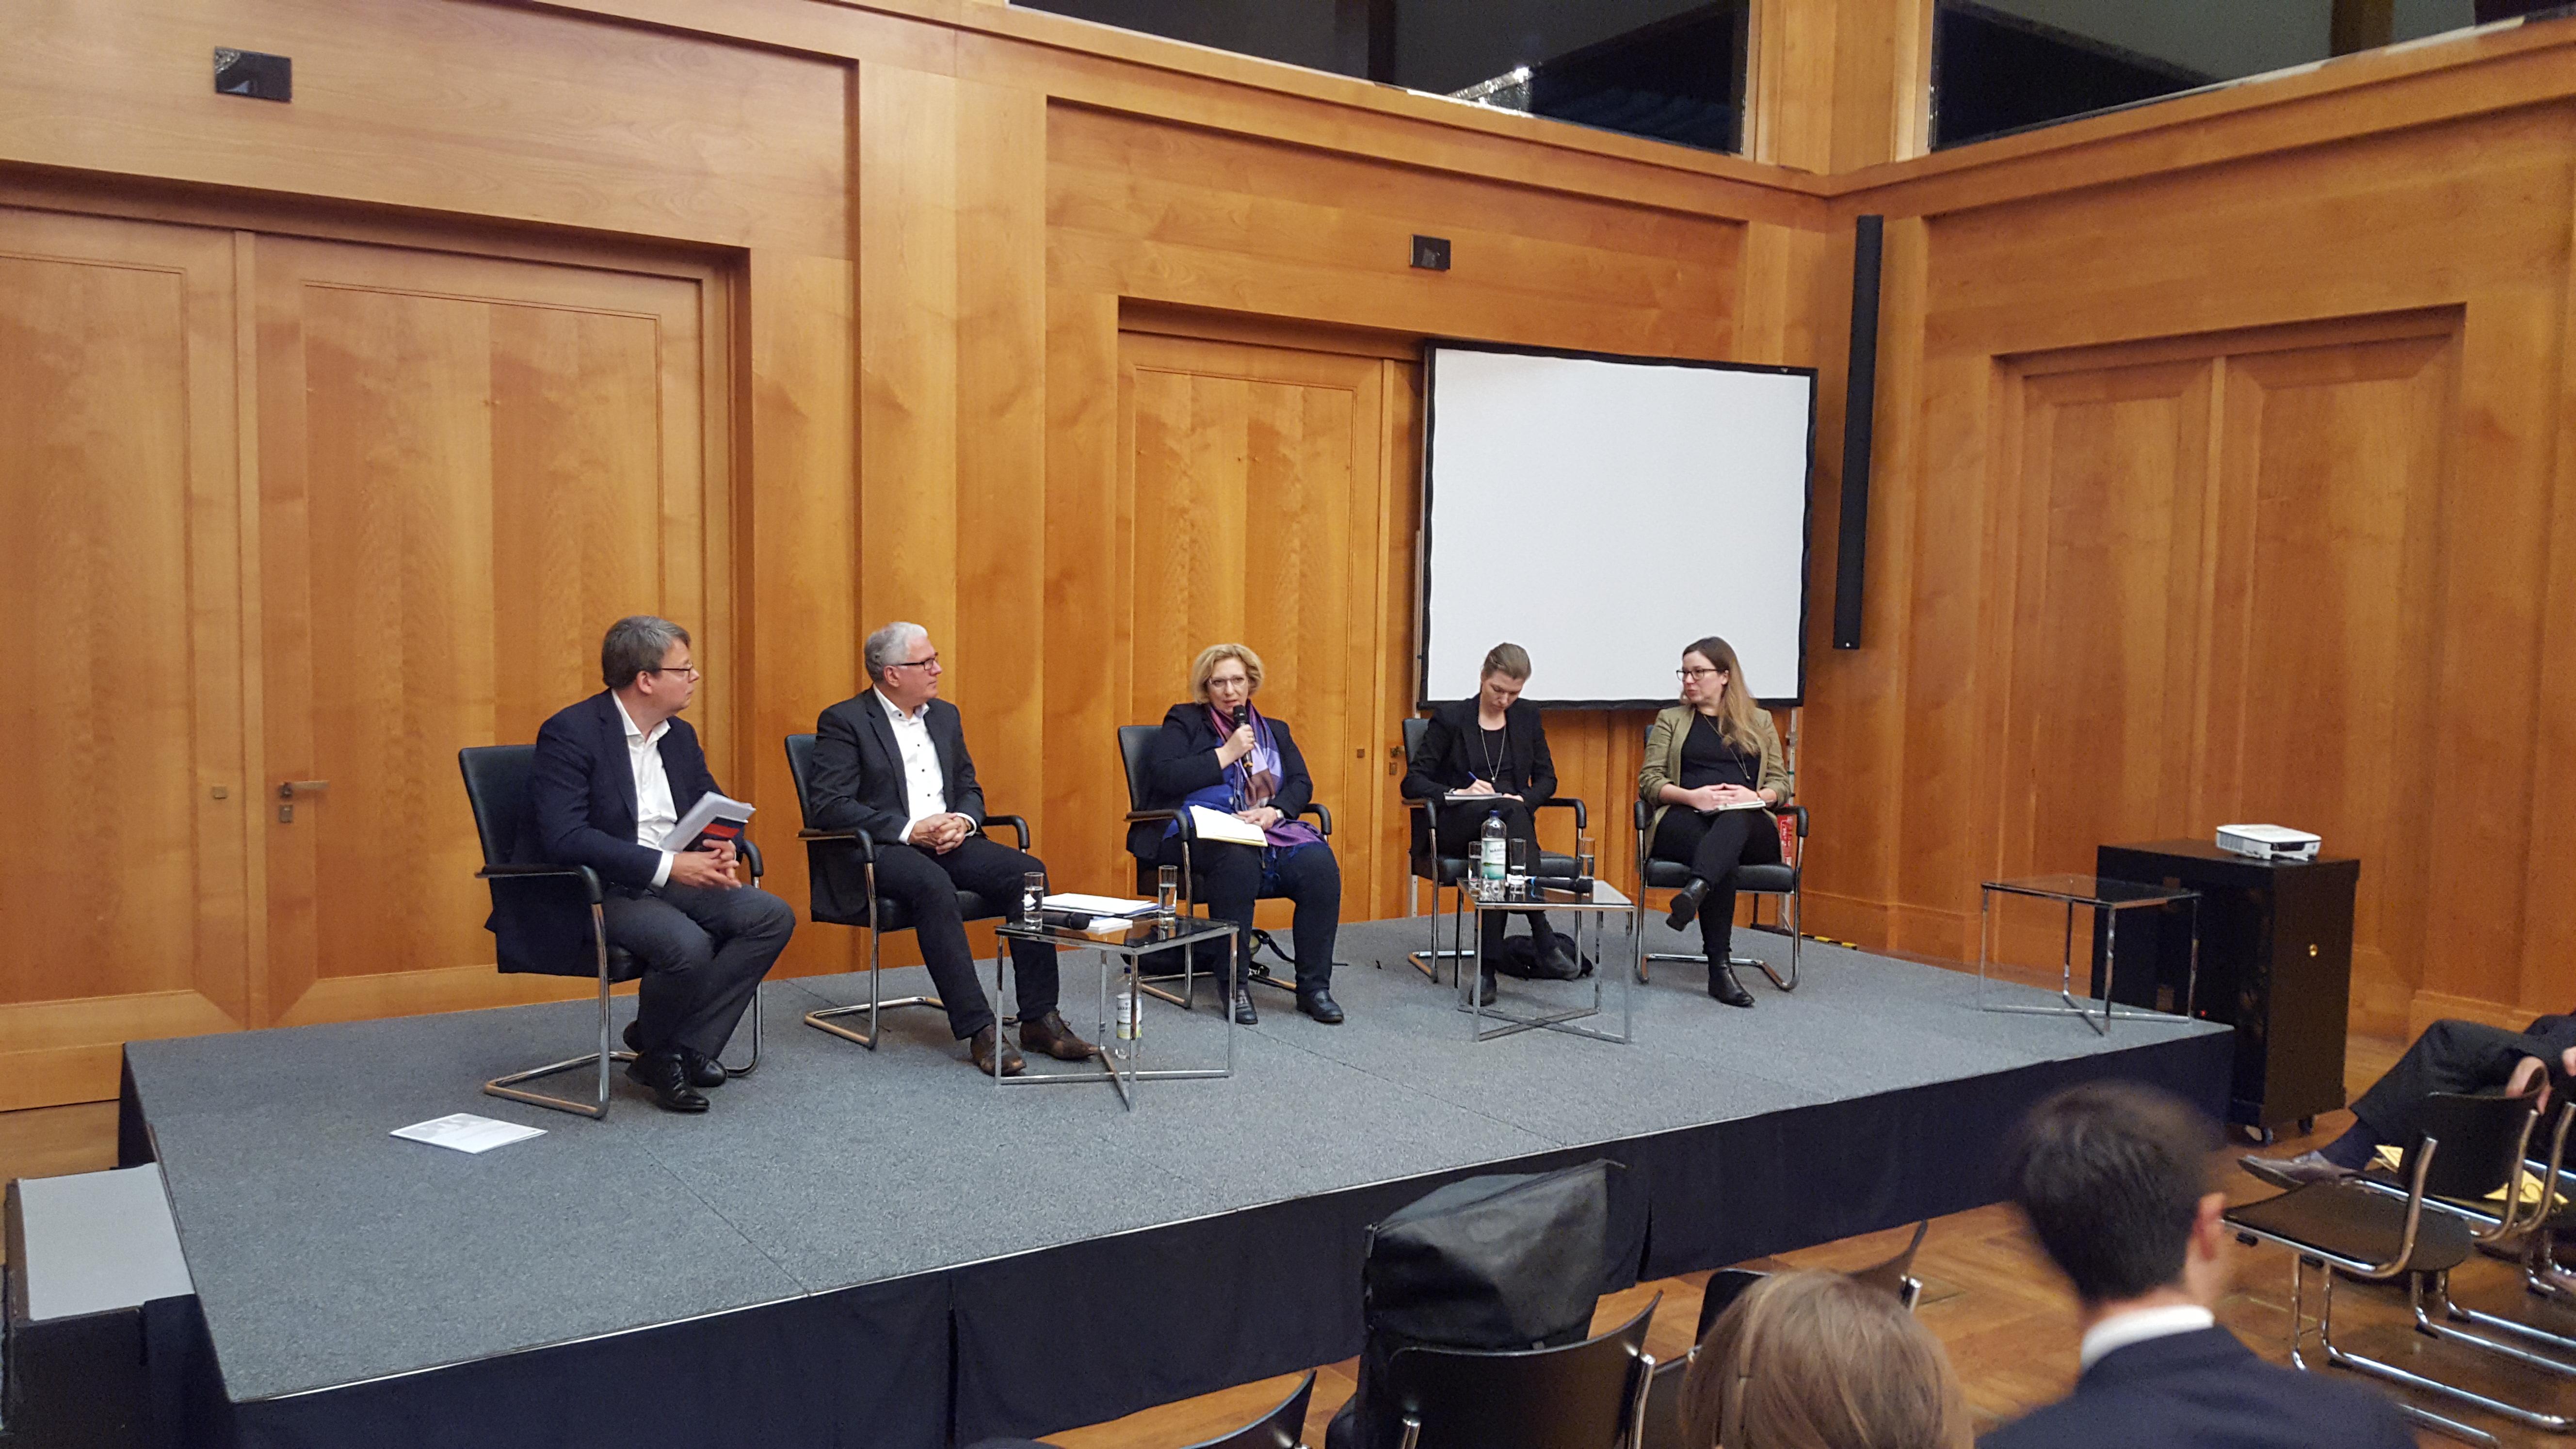 Dr. Daniela De Ridder auf dem Podium für Berufseinsteigerinnen und -einsteiger